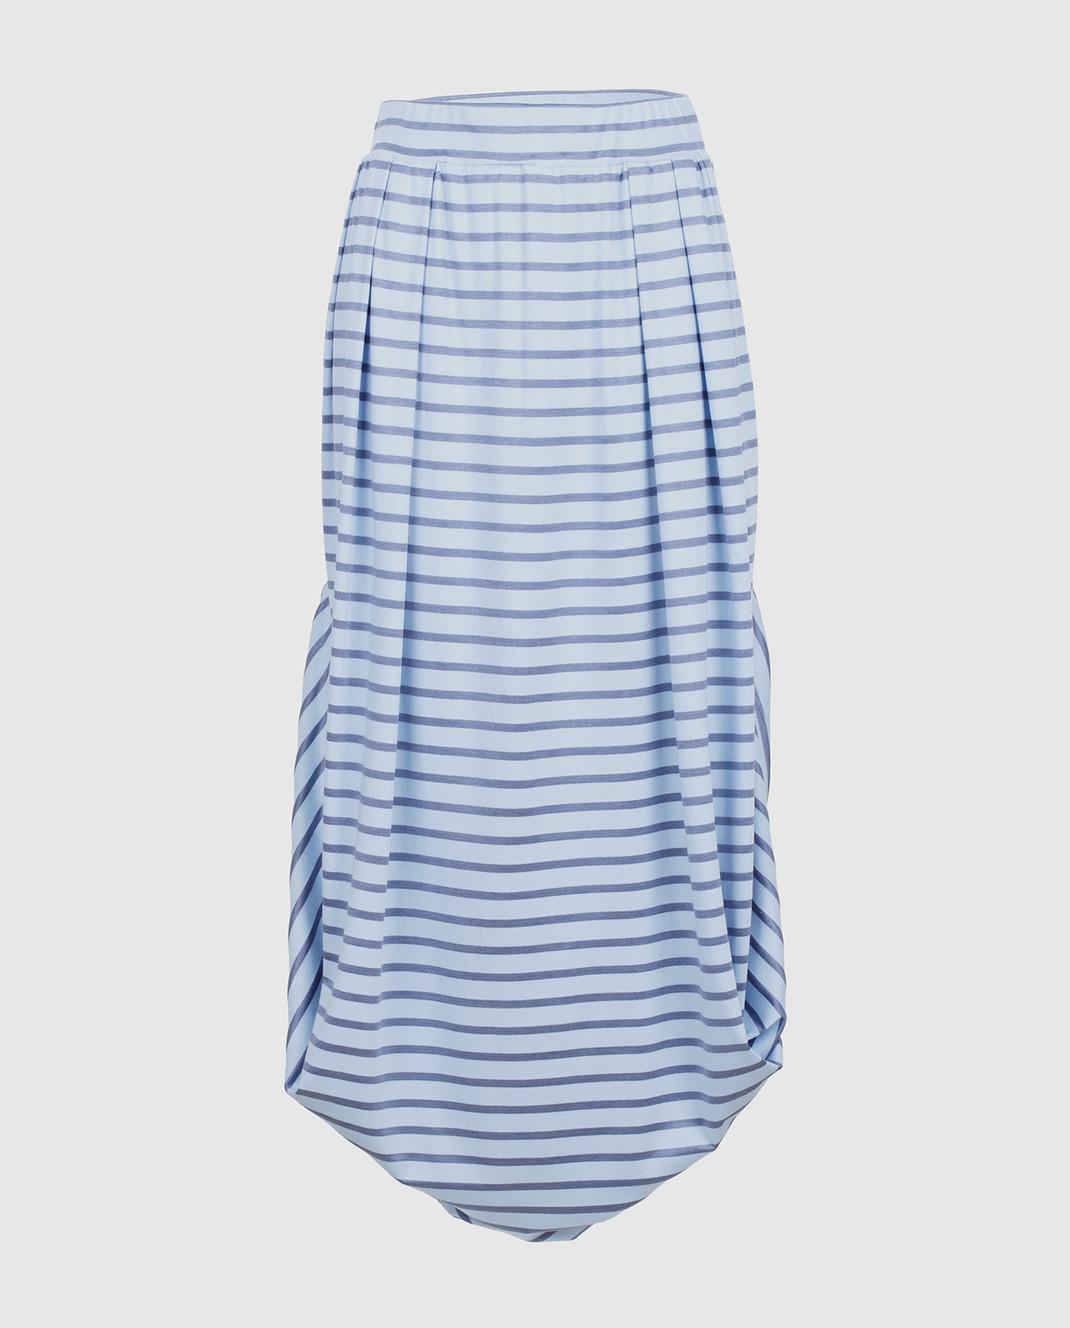 Ereda Голубая юбка 241498L изображение 2